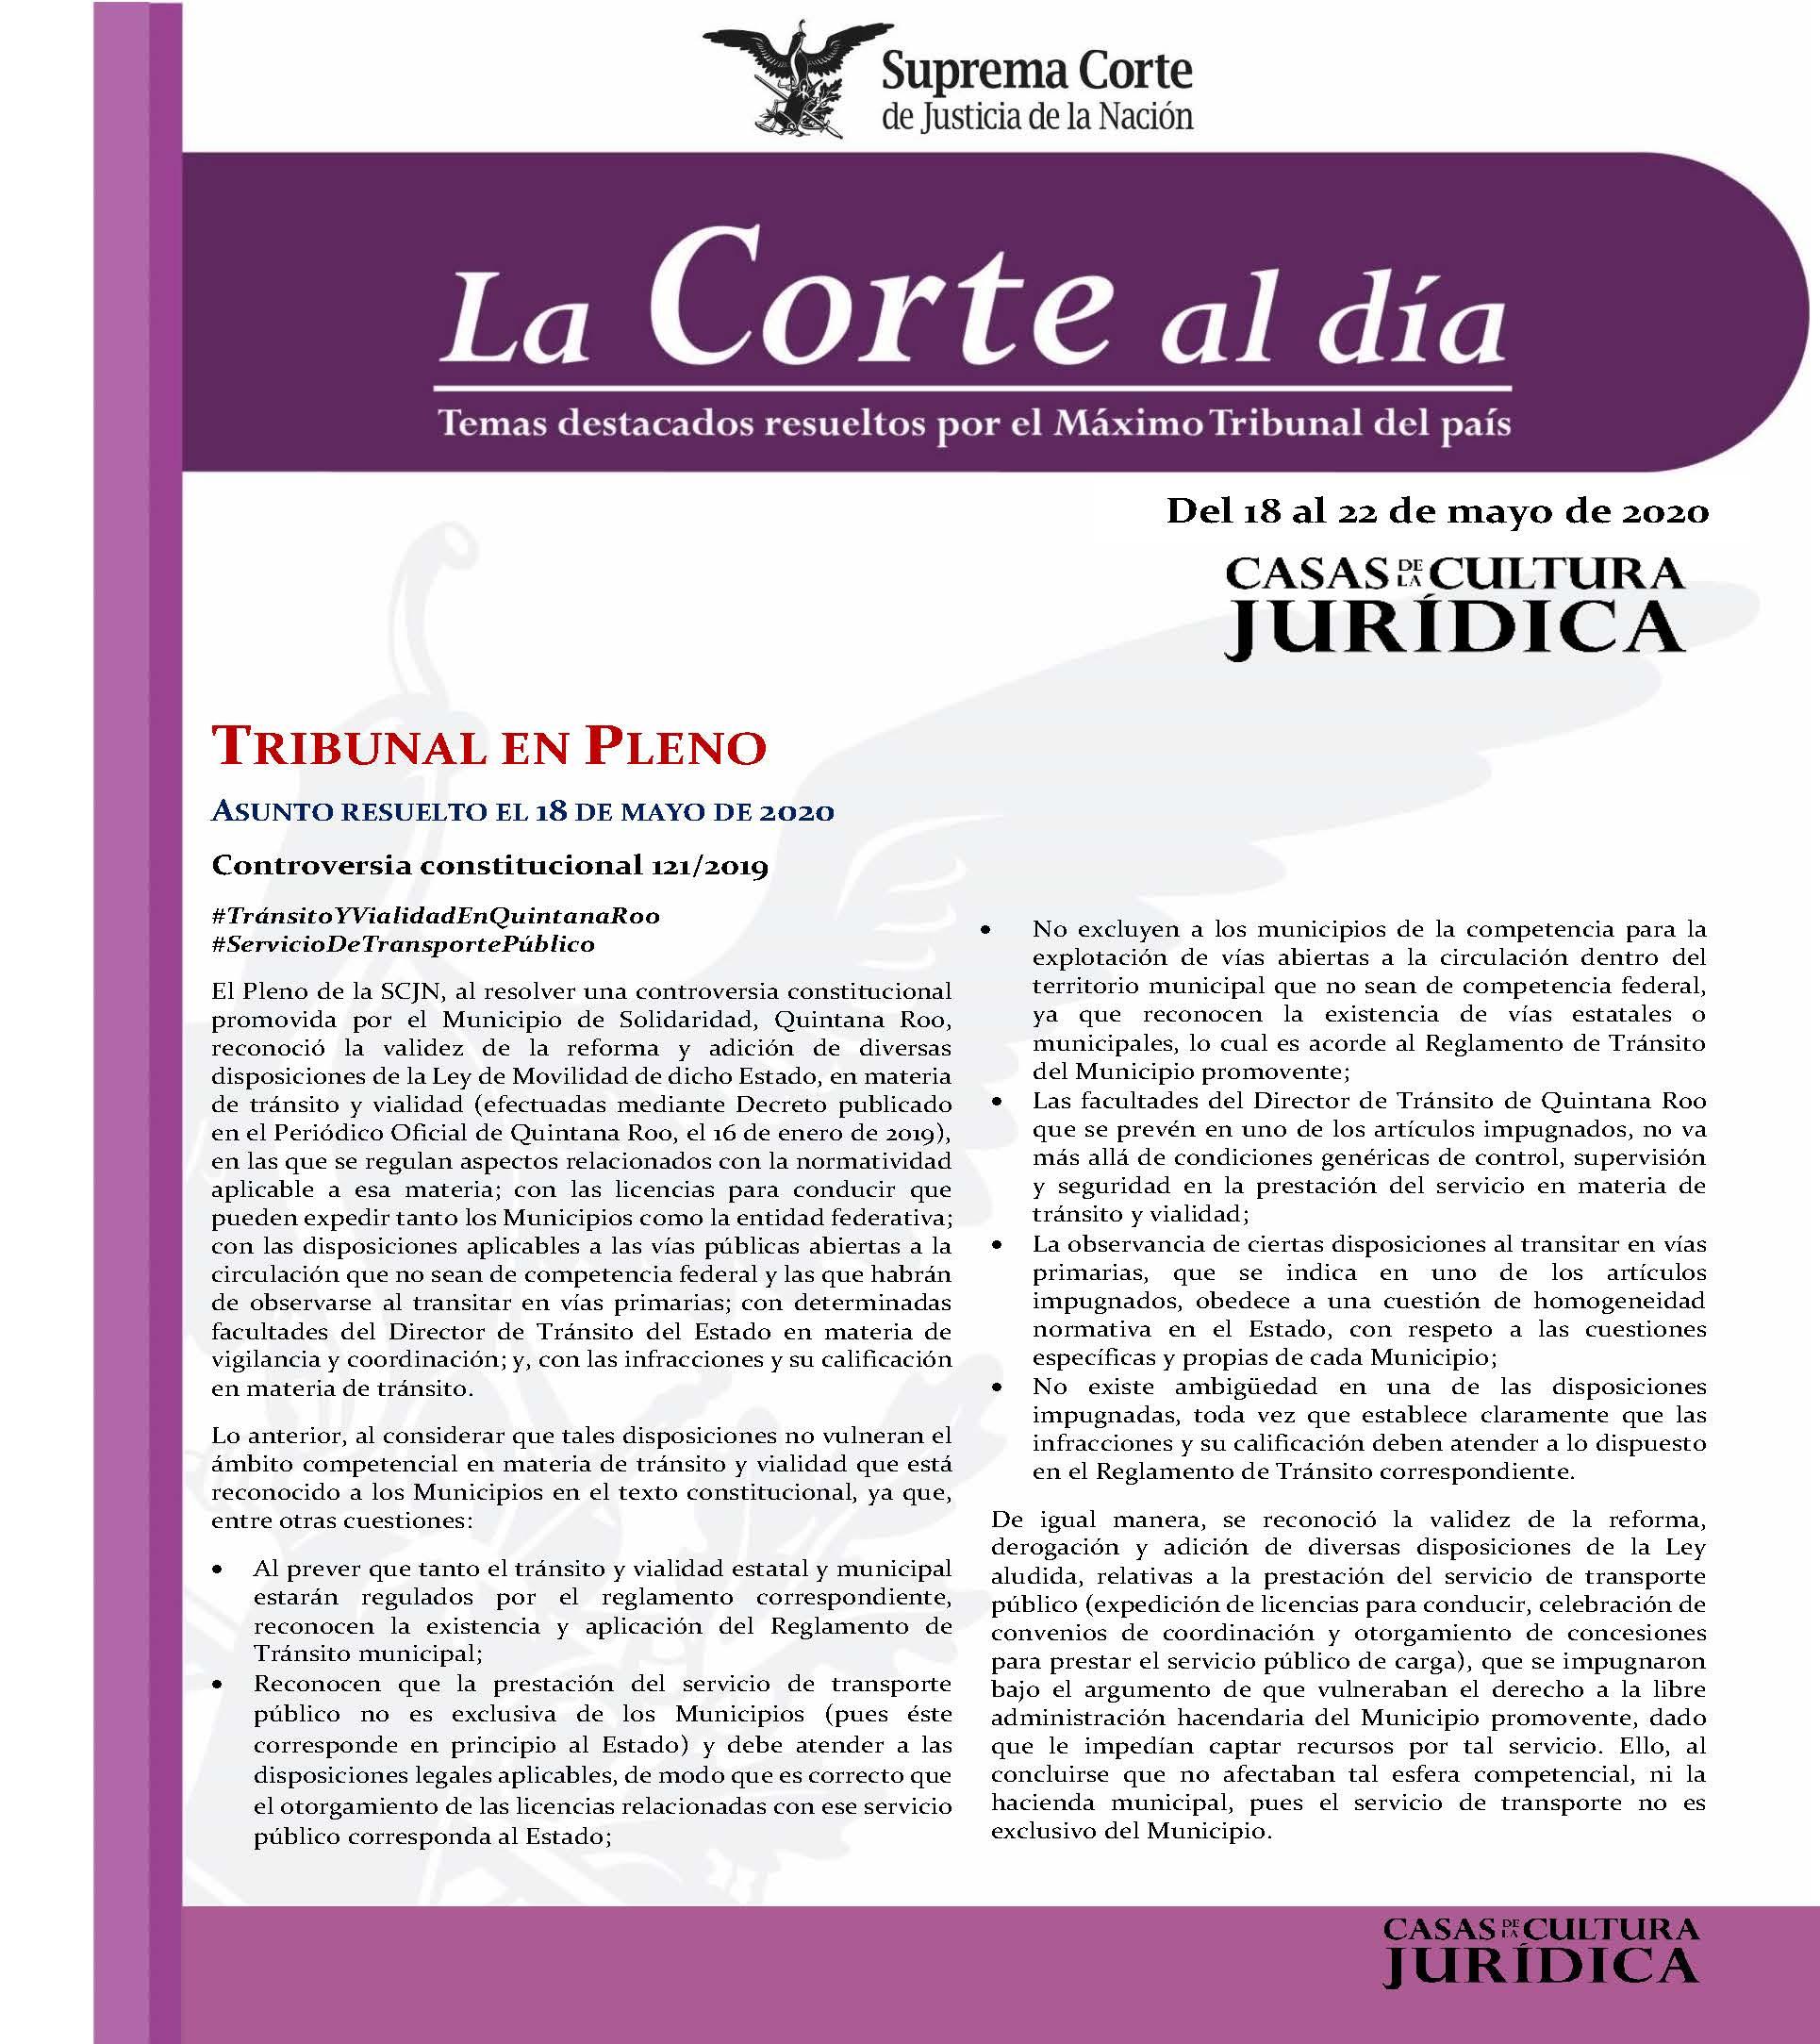 La Corte al Día. Temas destacados resueltos por la Suprema Corte de Justicia de la Nación. Del 18 al 22 de mayo de 2020 - 01